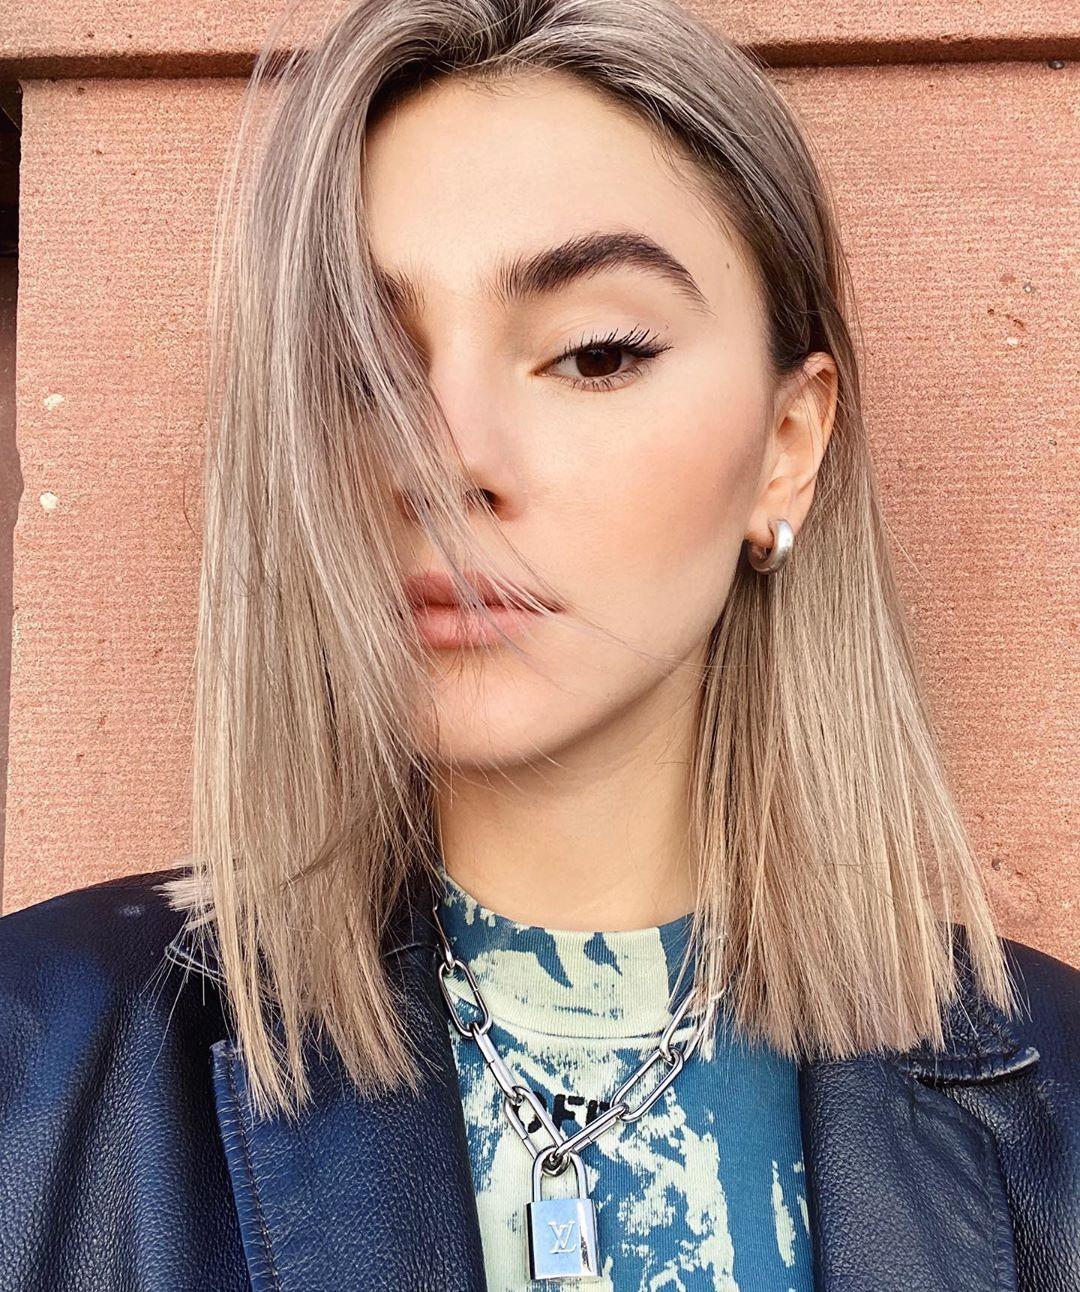 Die schönsten Haarschnitte & Frisuren für (sehr) dünne Haare